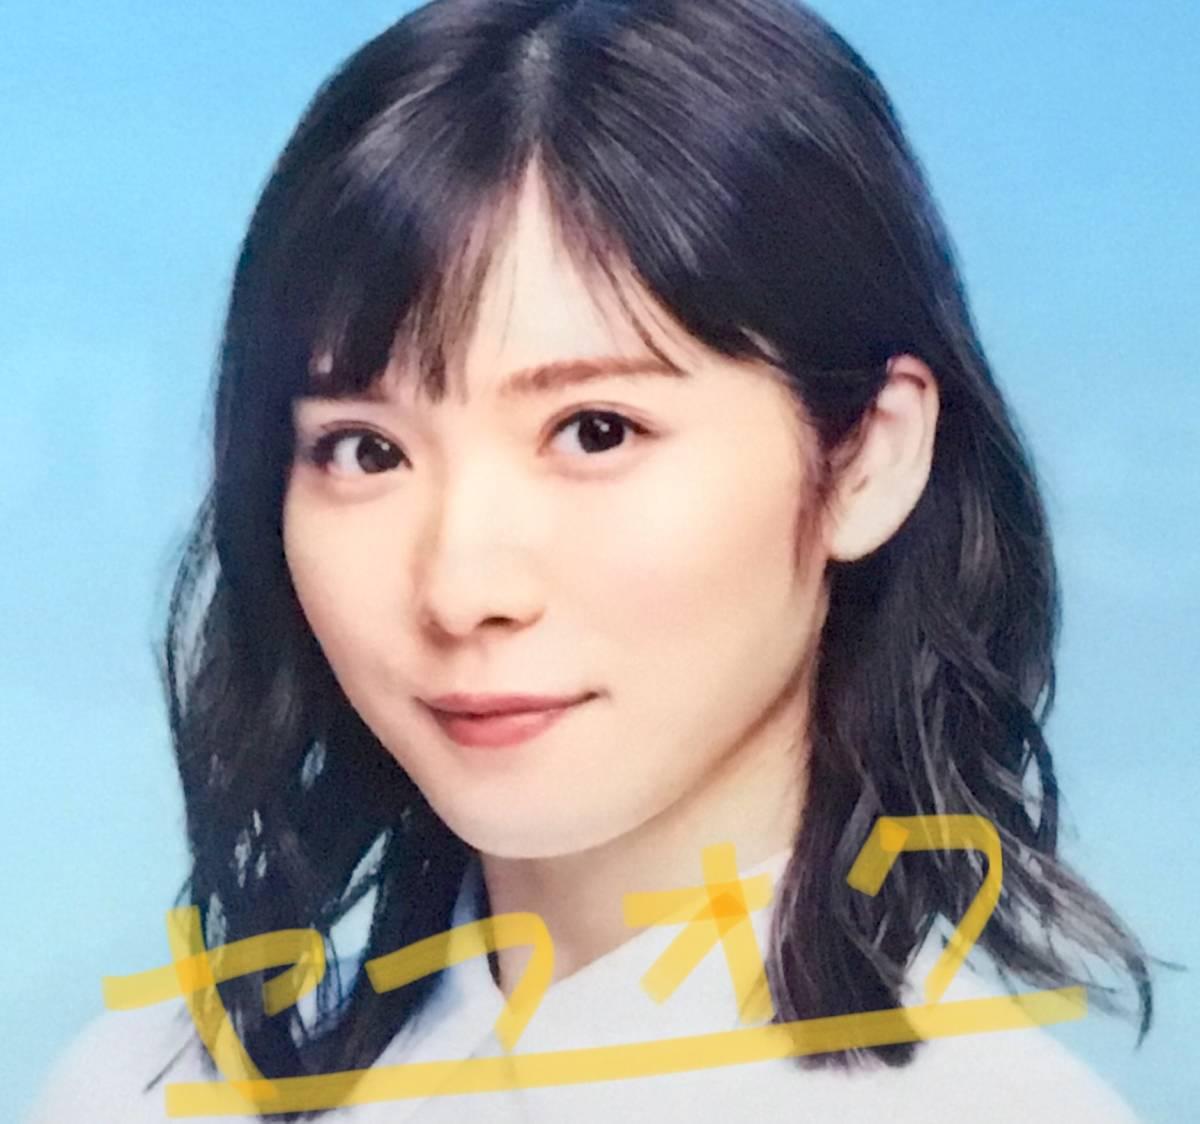 松岡 茉 侑 cm